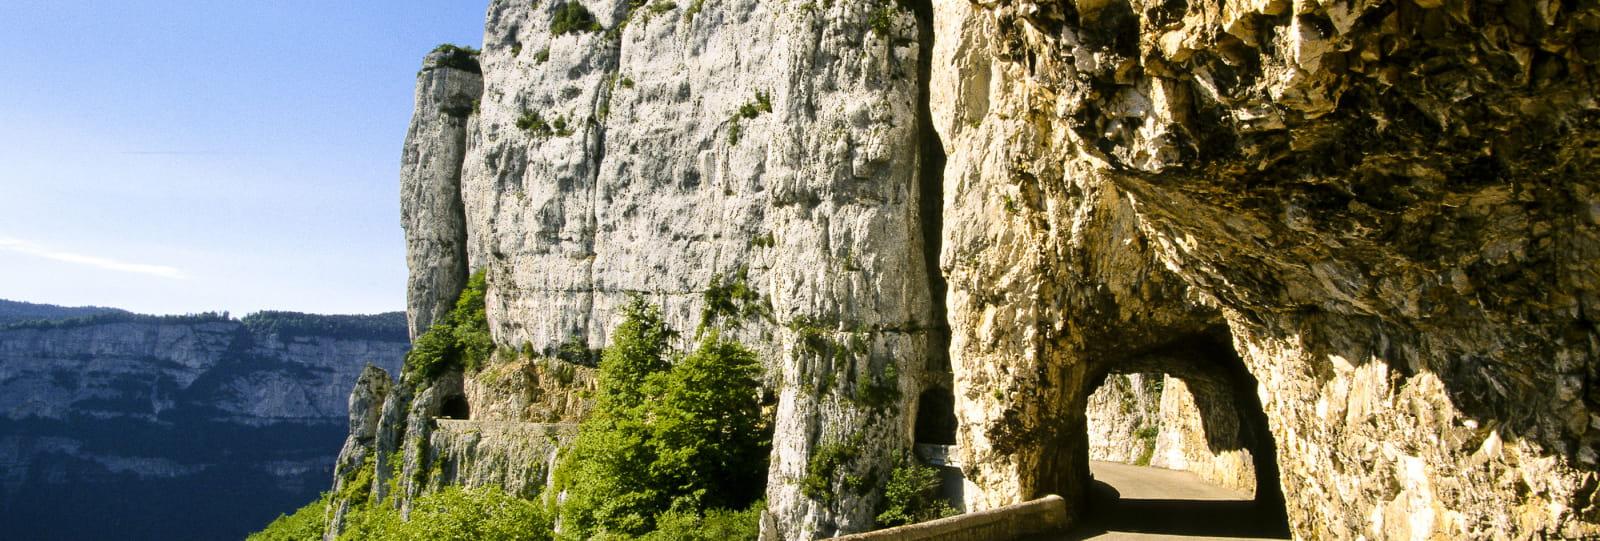 Cyclotourisme : rando à vélo dans le parc naturel du Vercors en liberté